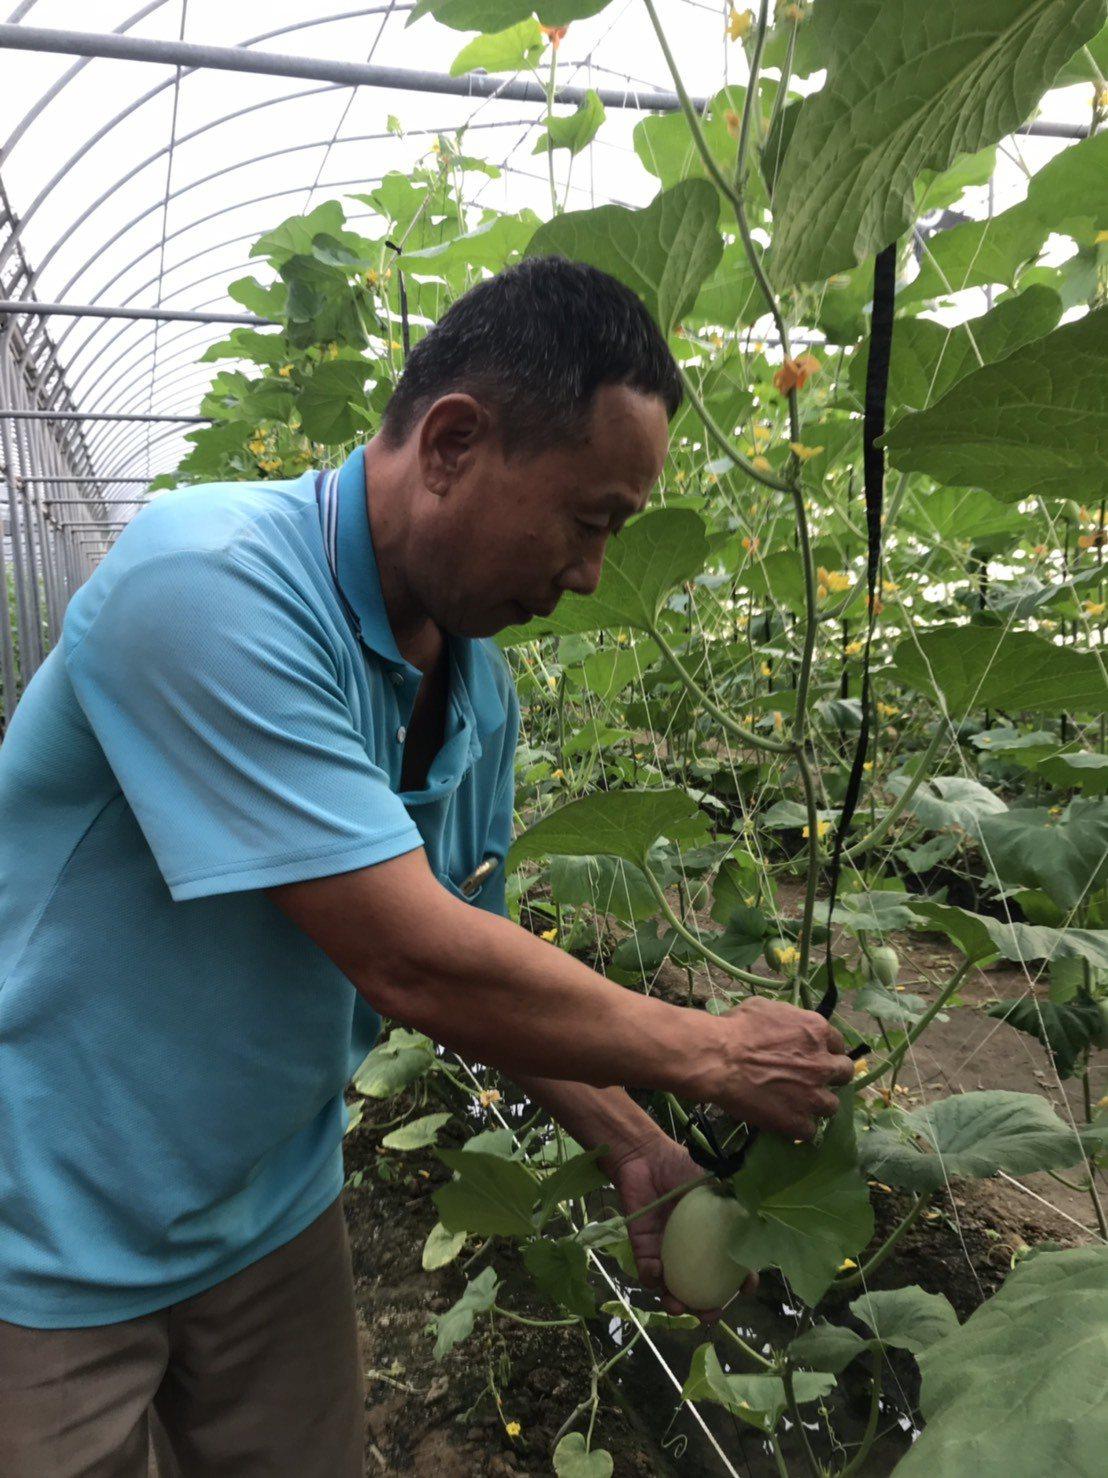 致力於栽種無噴灑農藥的溫室蔬果,吳冠億盼與更多重視有機栽種的農民交流。記者黃晴雯...